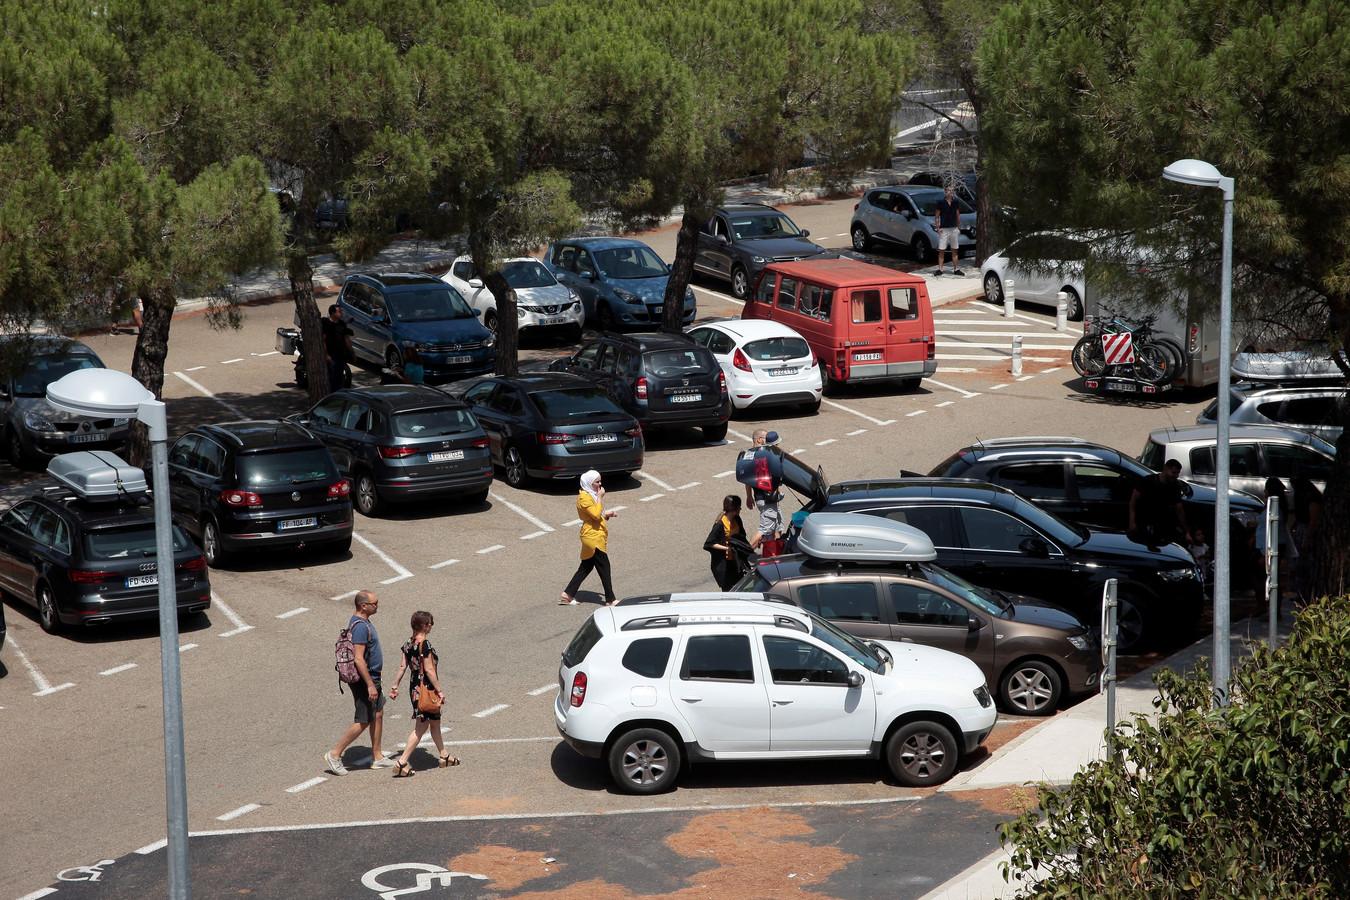 Onderdeel van de truc is het tonen van een auto met ingeslagen autoruit of andere braakschade